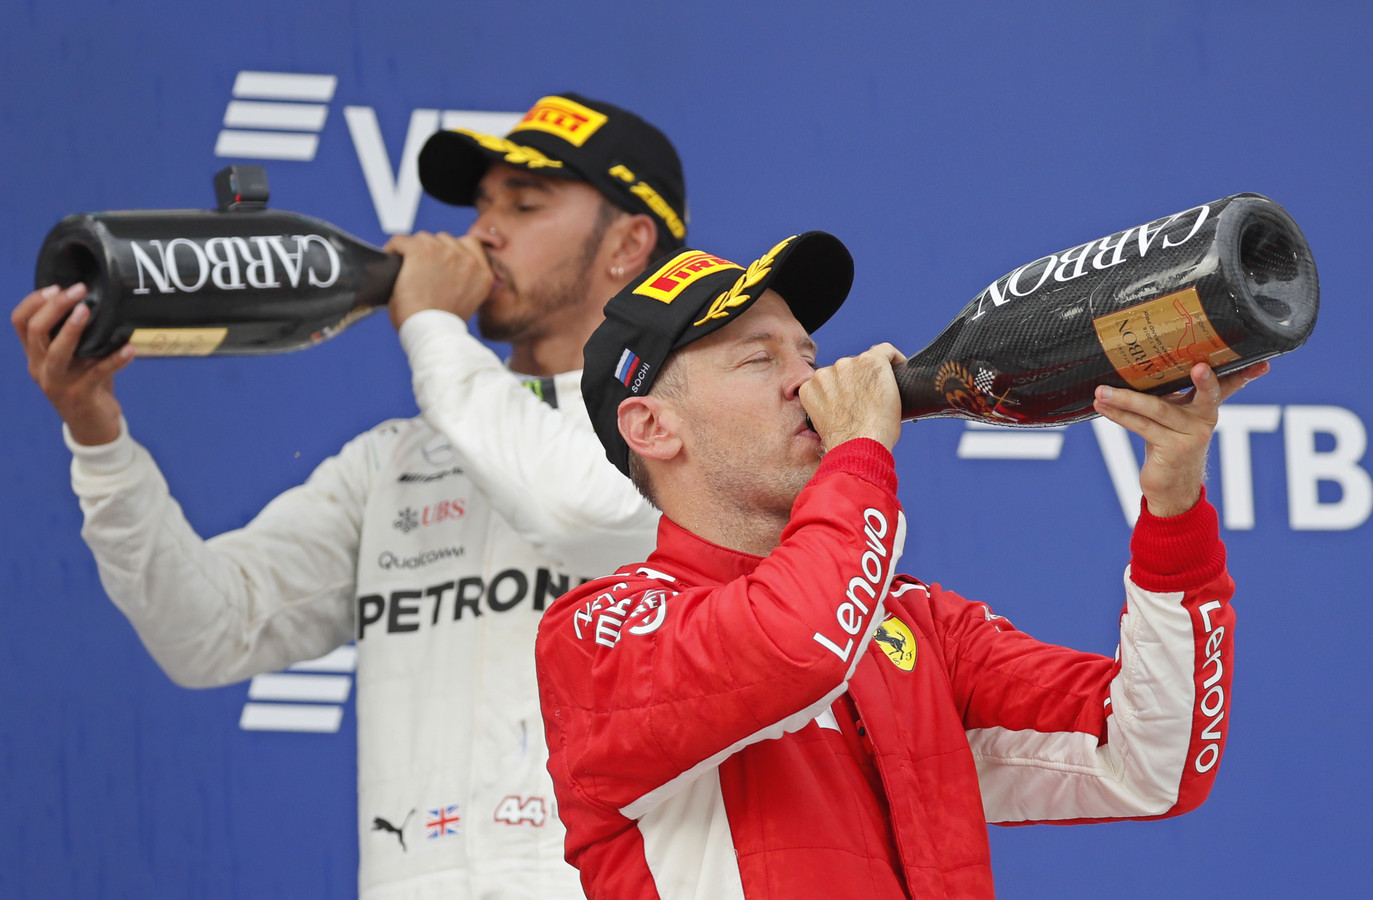 Hamilton en Vettel, samen op het podium na de Russische GP in Sotsji.